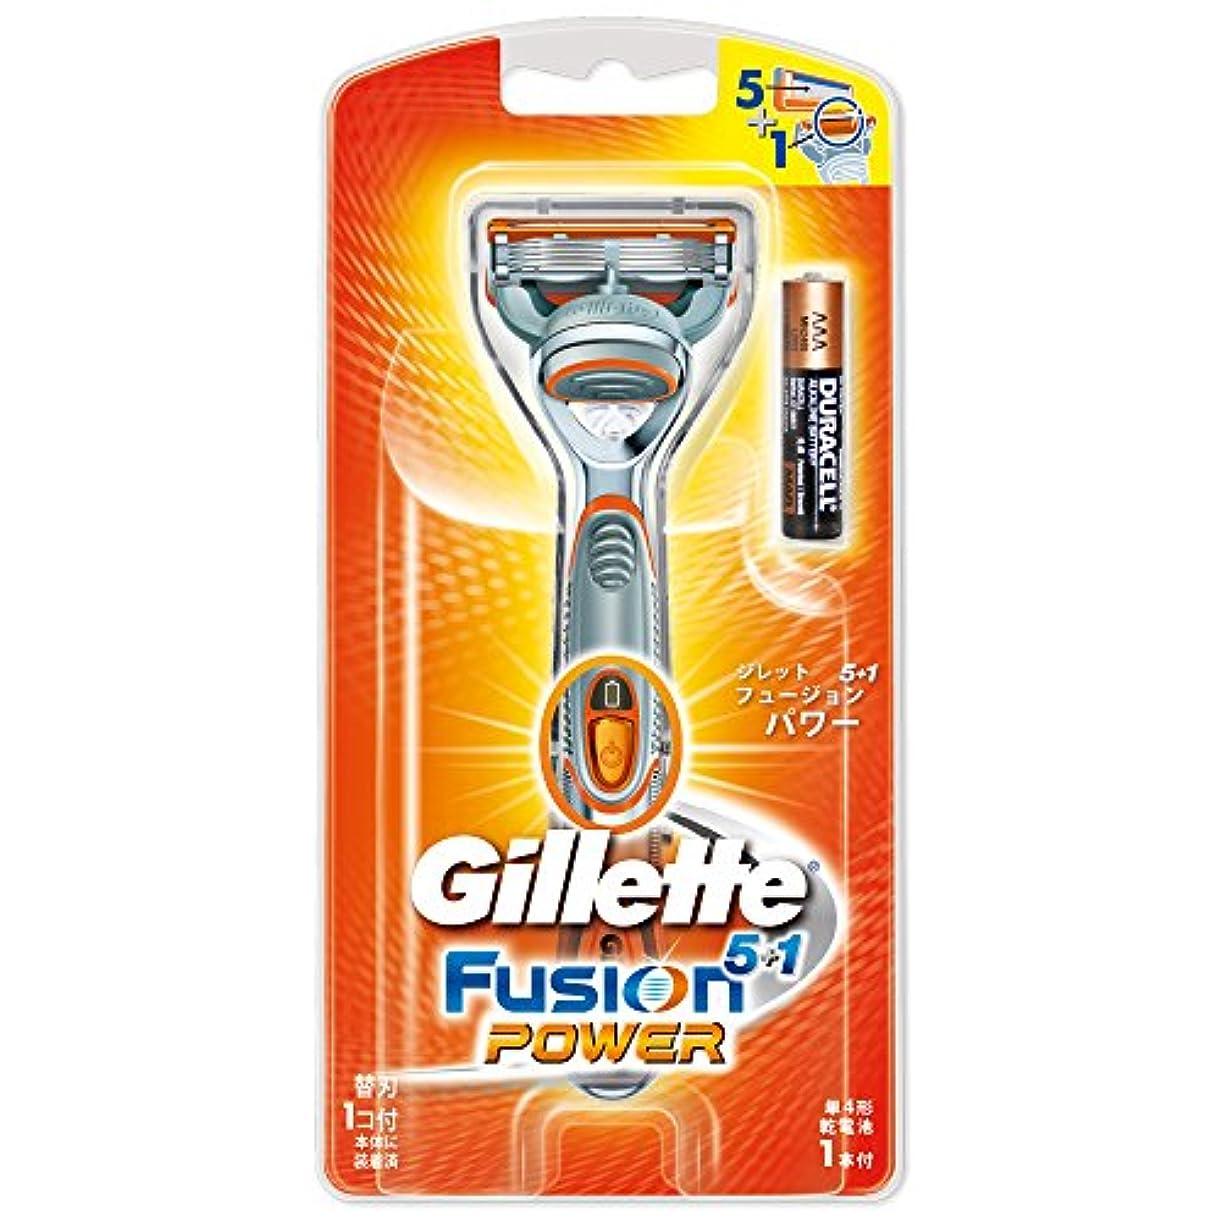 スロープ脈拍描くジレット 髭剃り フュージョン5+1 パワー 本体